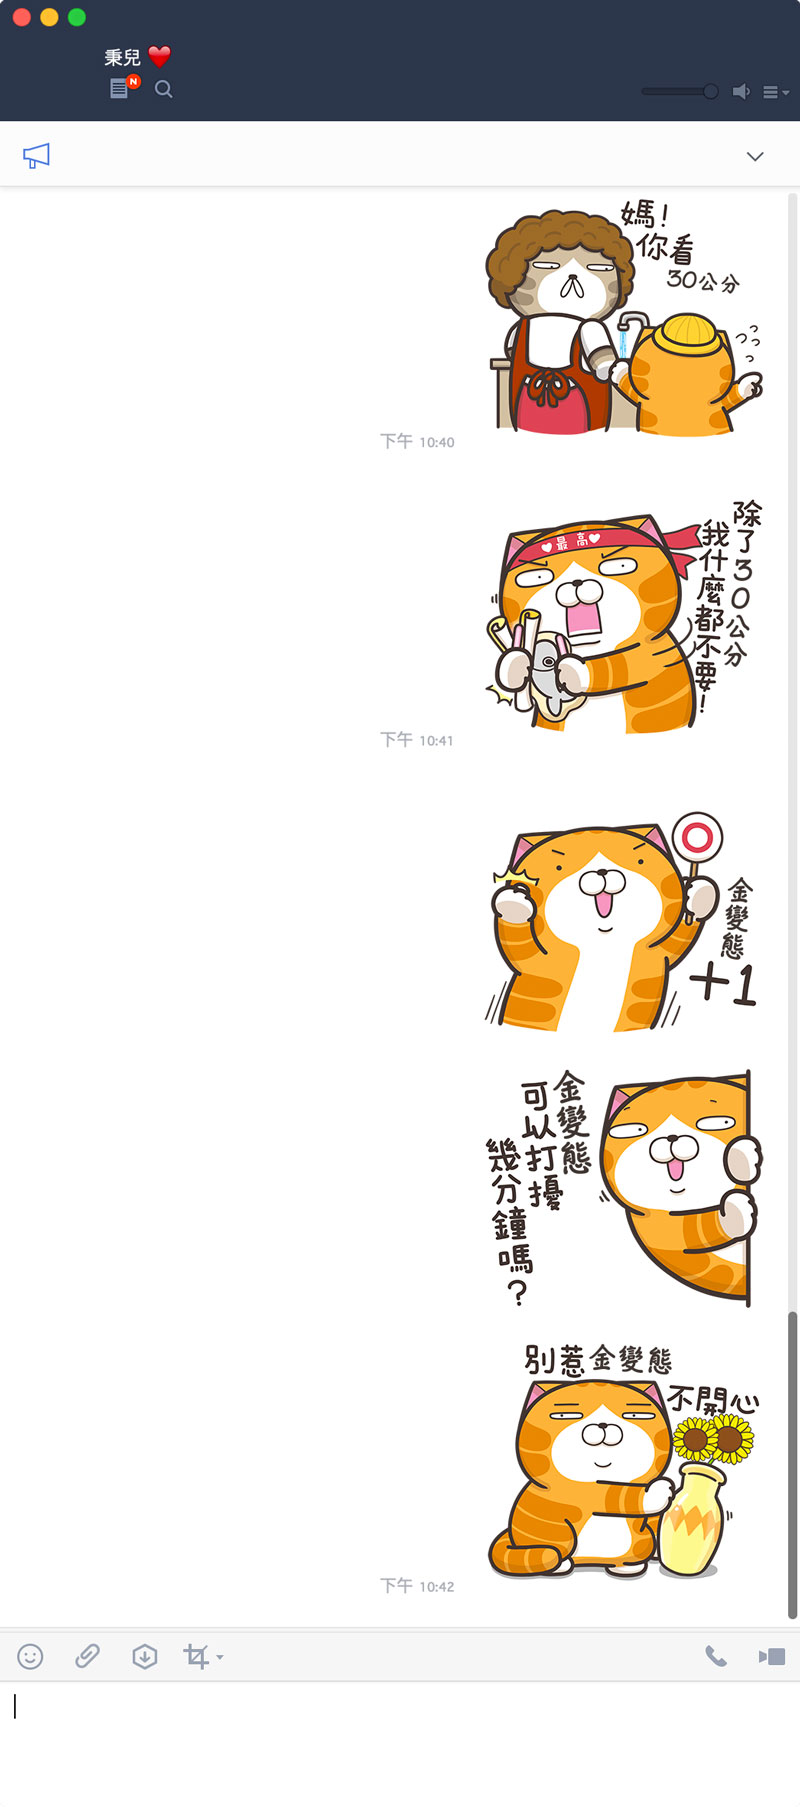 《白爛貓》LINE 貼圖也能玩「自訂文字貼圖」,隨你填貼圖更新創意玩法